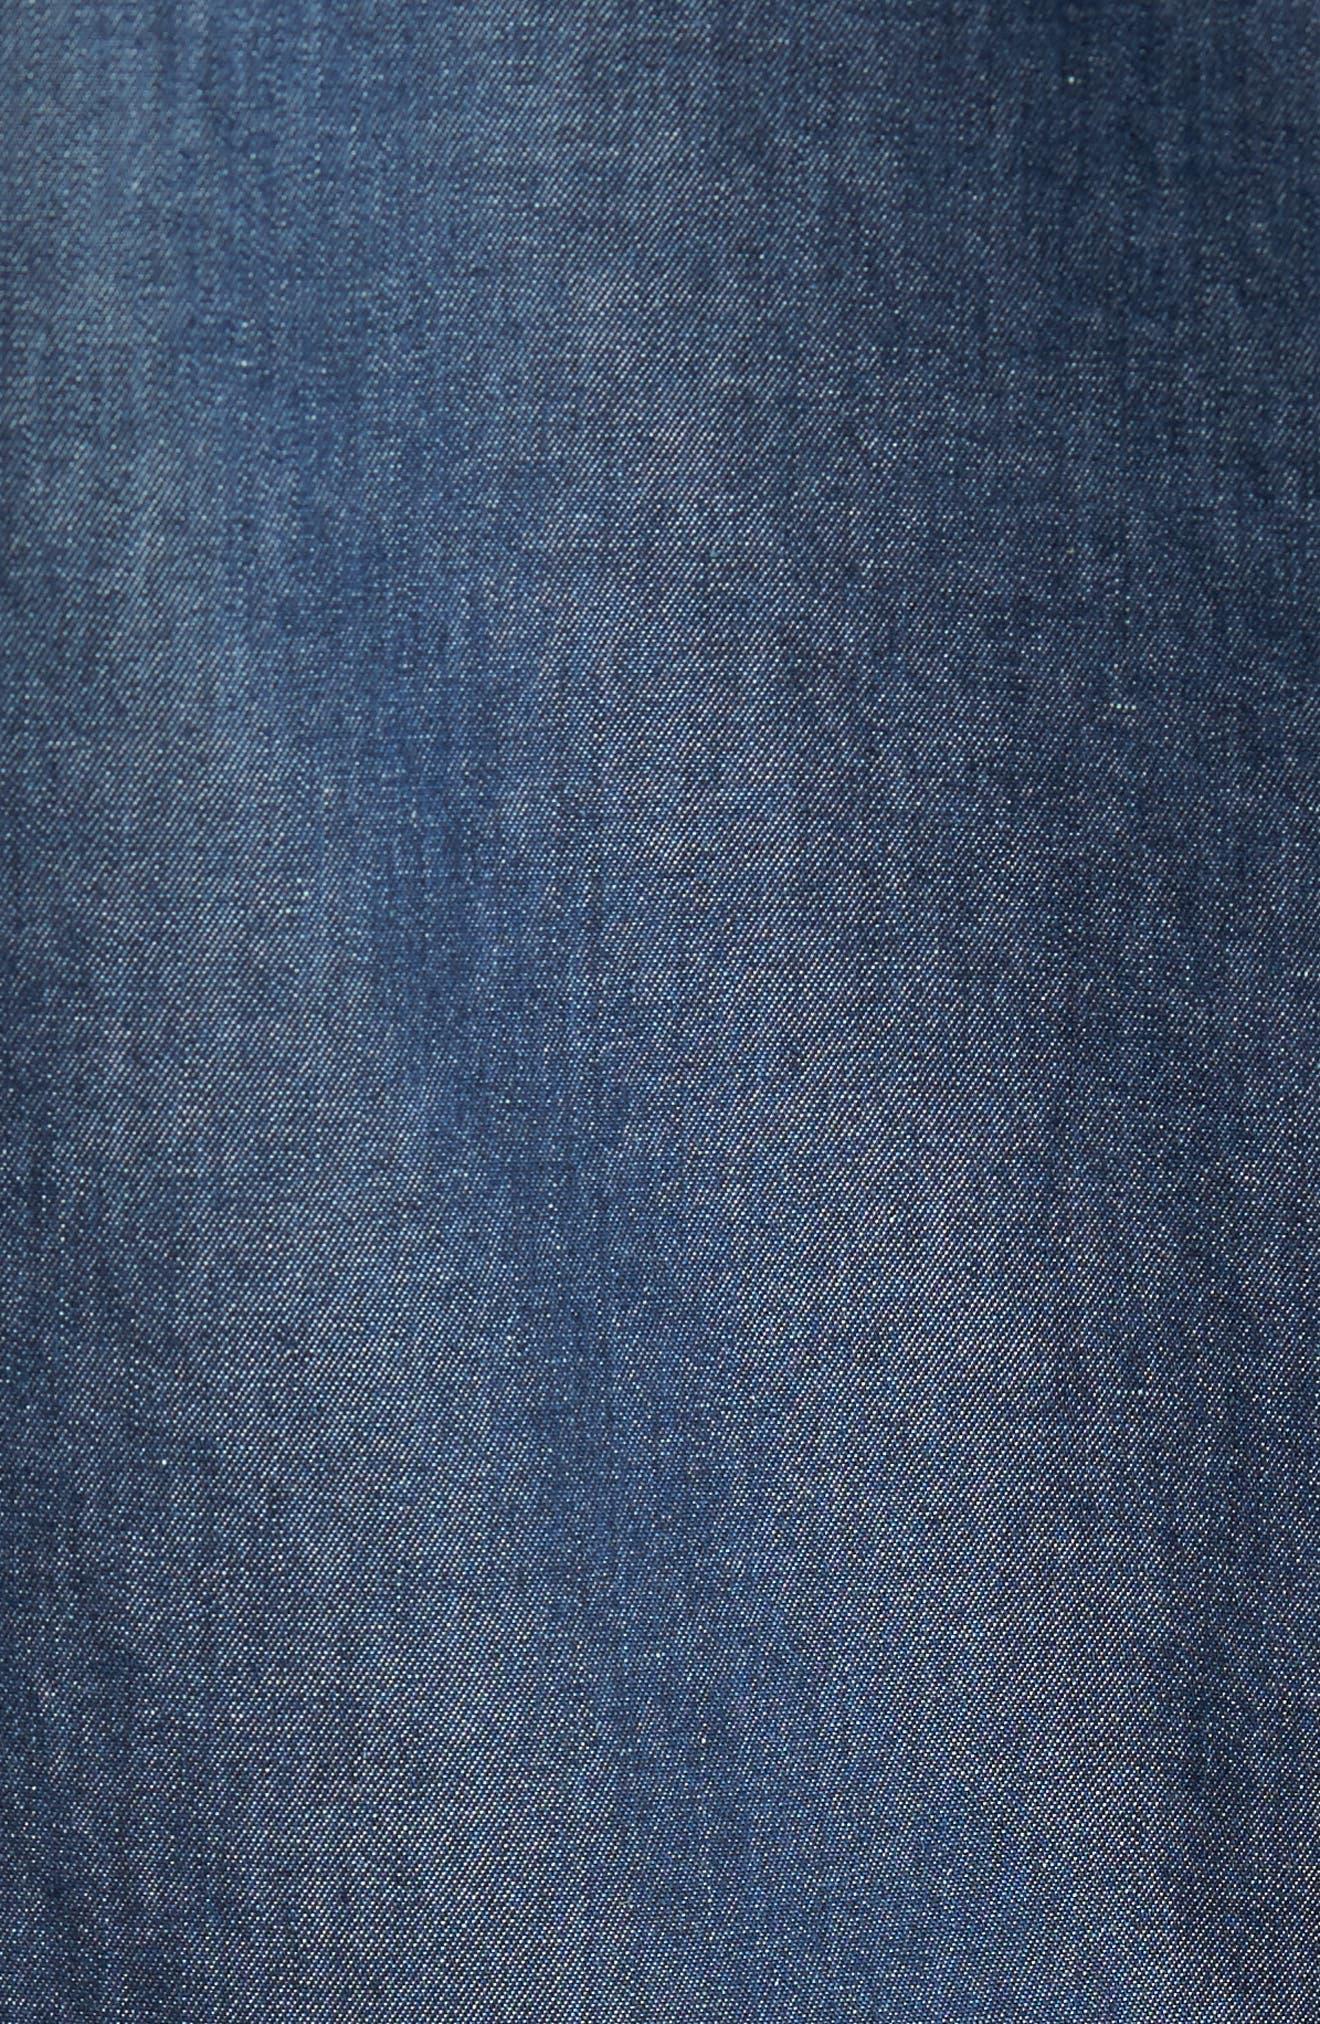 Kinney Denim Shirt,                             Alternate thumbnail 5, color,